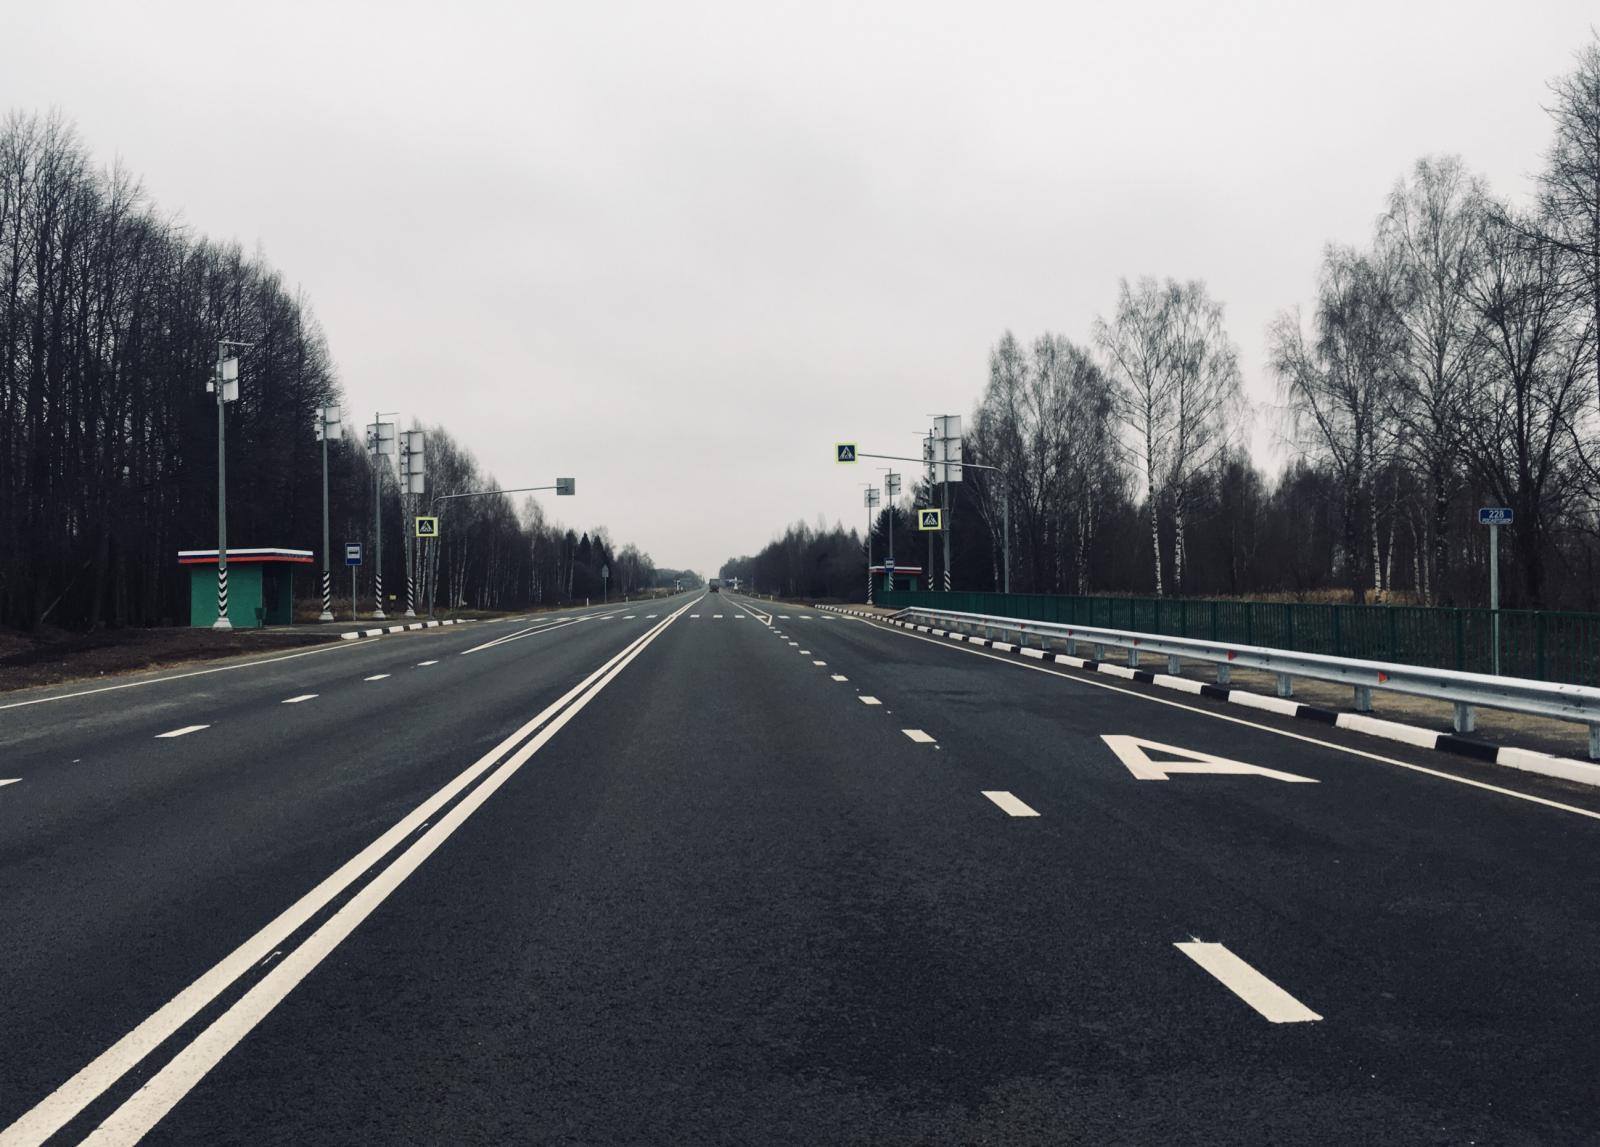 Участок трассы Р-120 отремонтировали в области